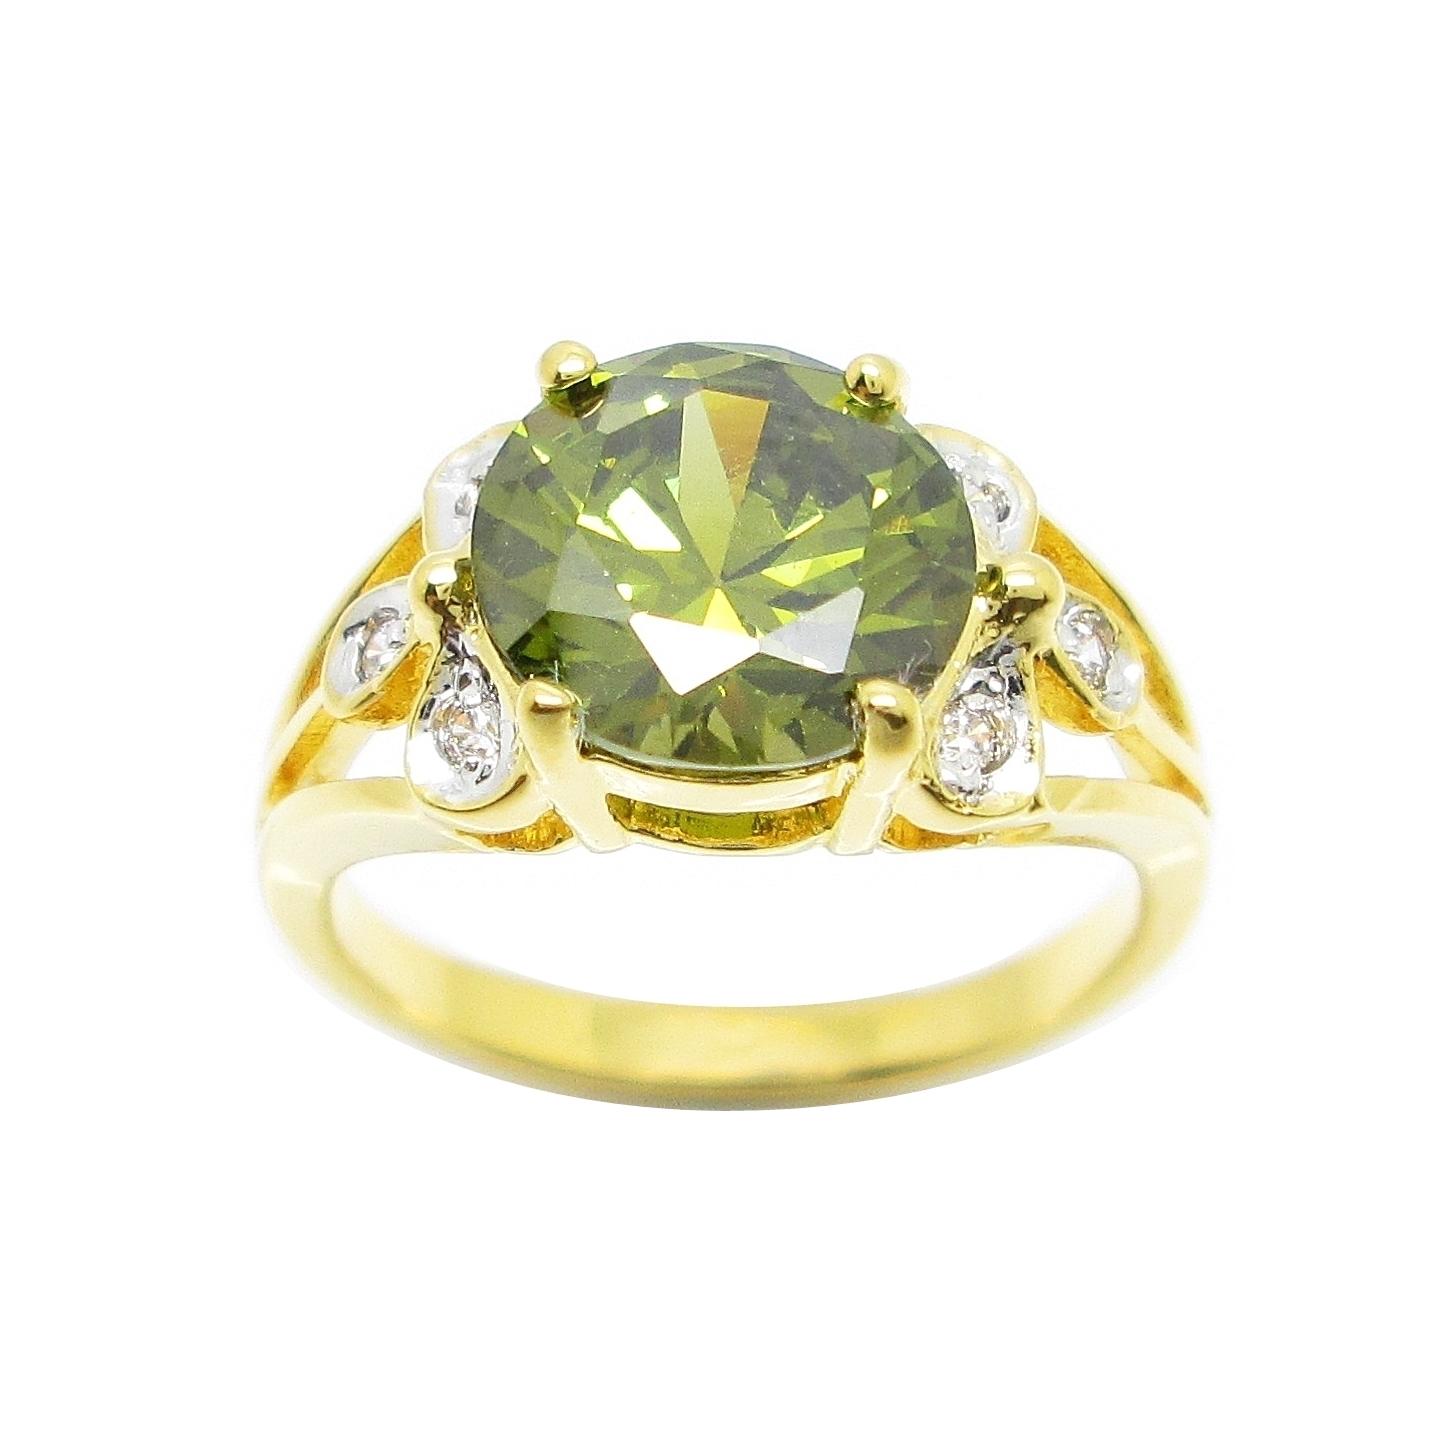 แหวนพลอยสีเขียวส่องประดับใบไม้เพชรจิกไข่ปลาชุบทอง